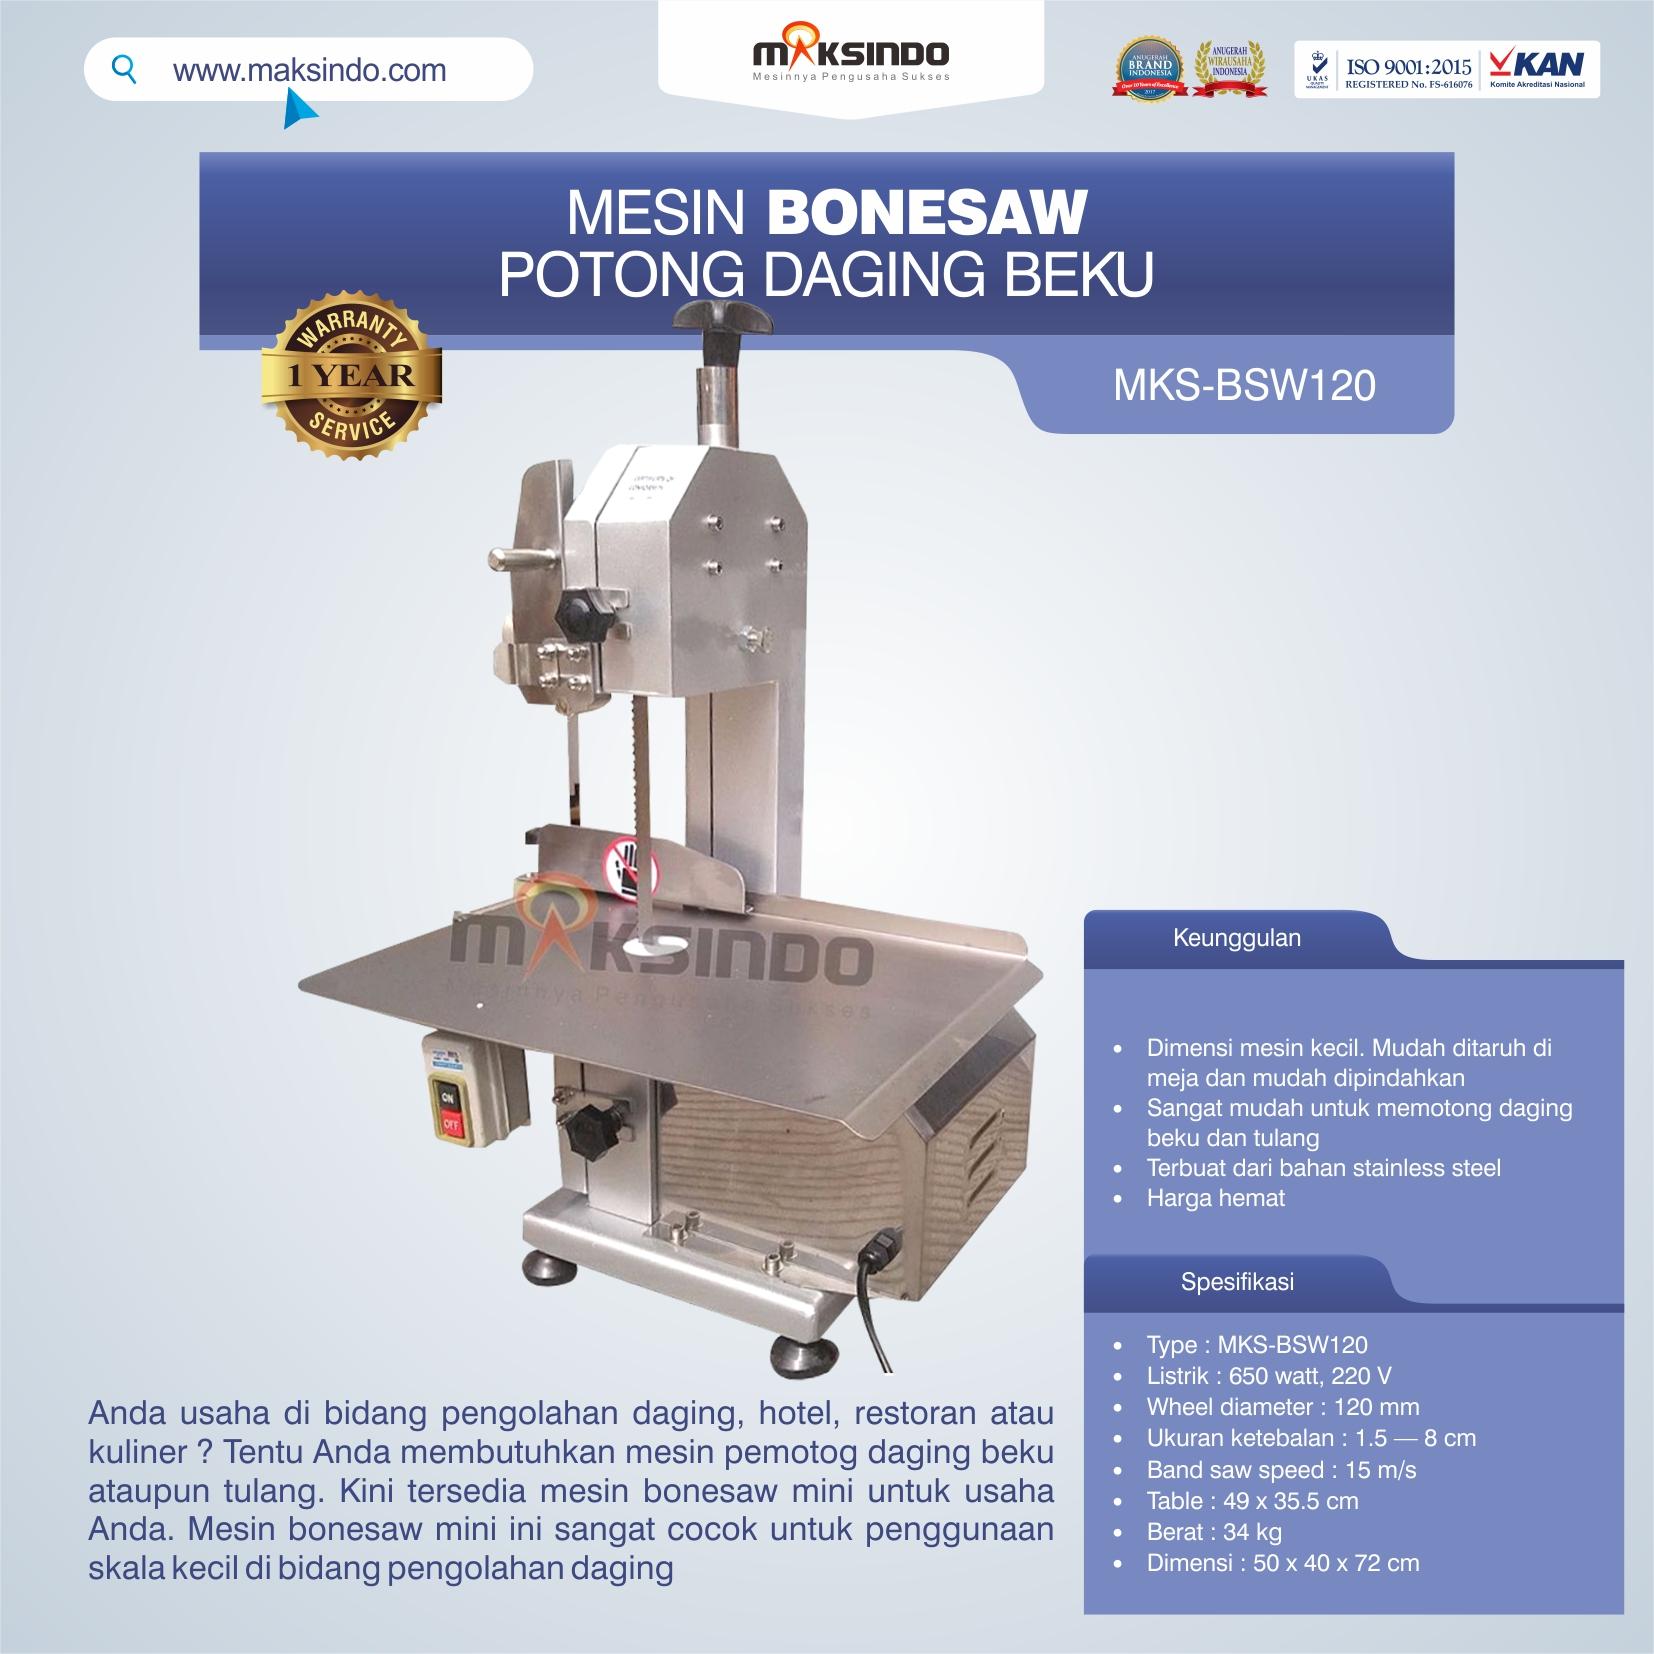 Jual Bonesaw Pemotong Daging Beku (MKS-BSW120) di Yogyakarta